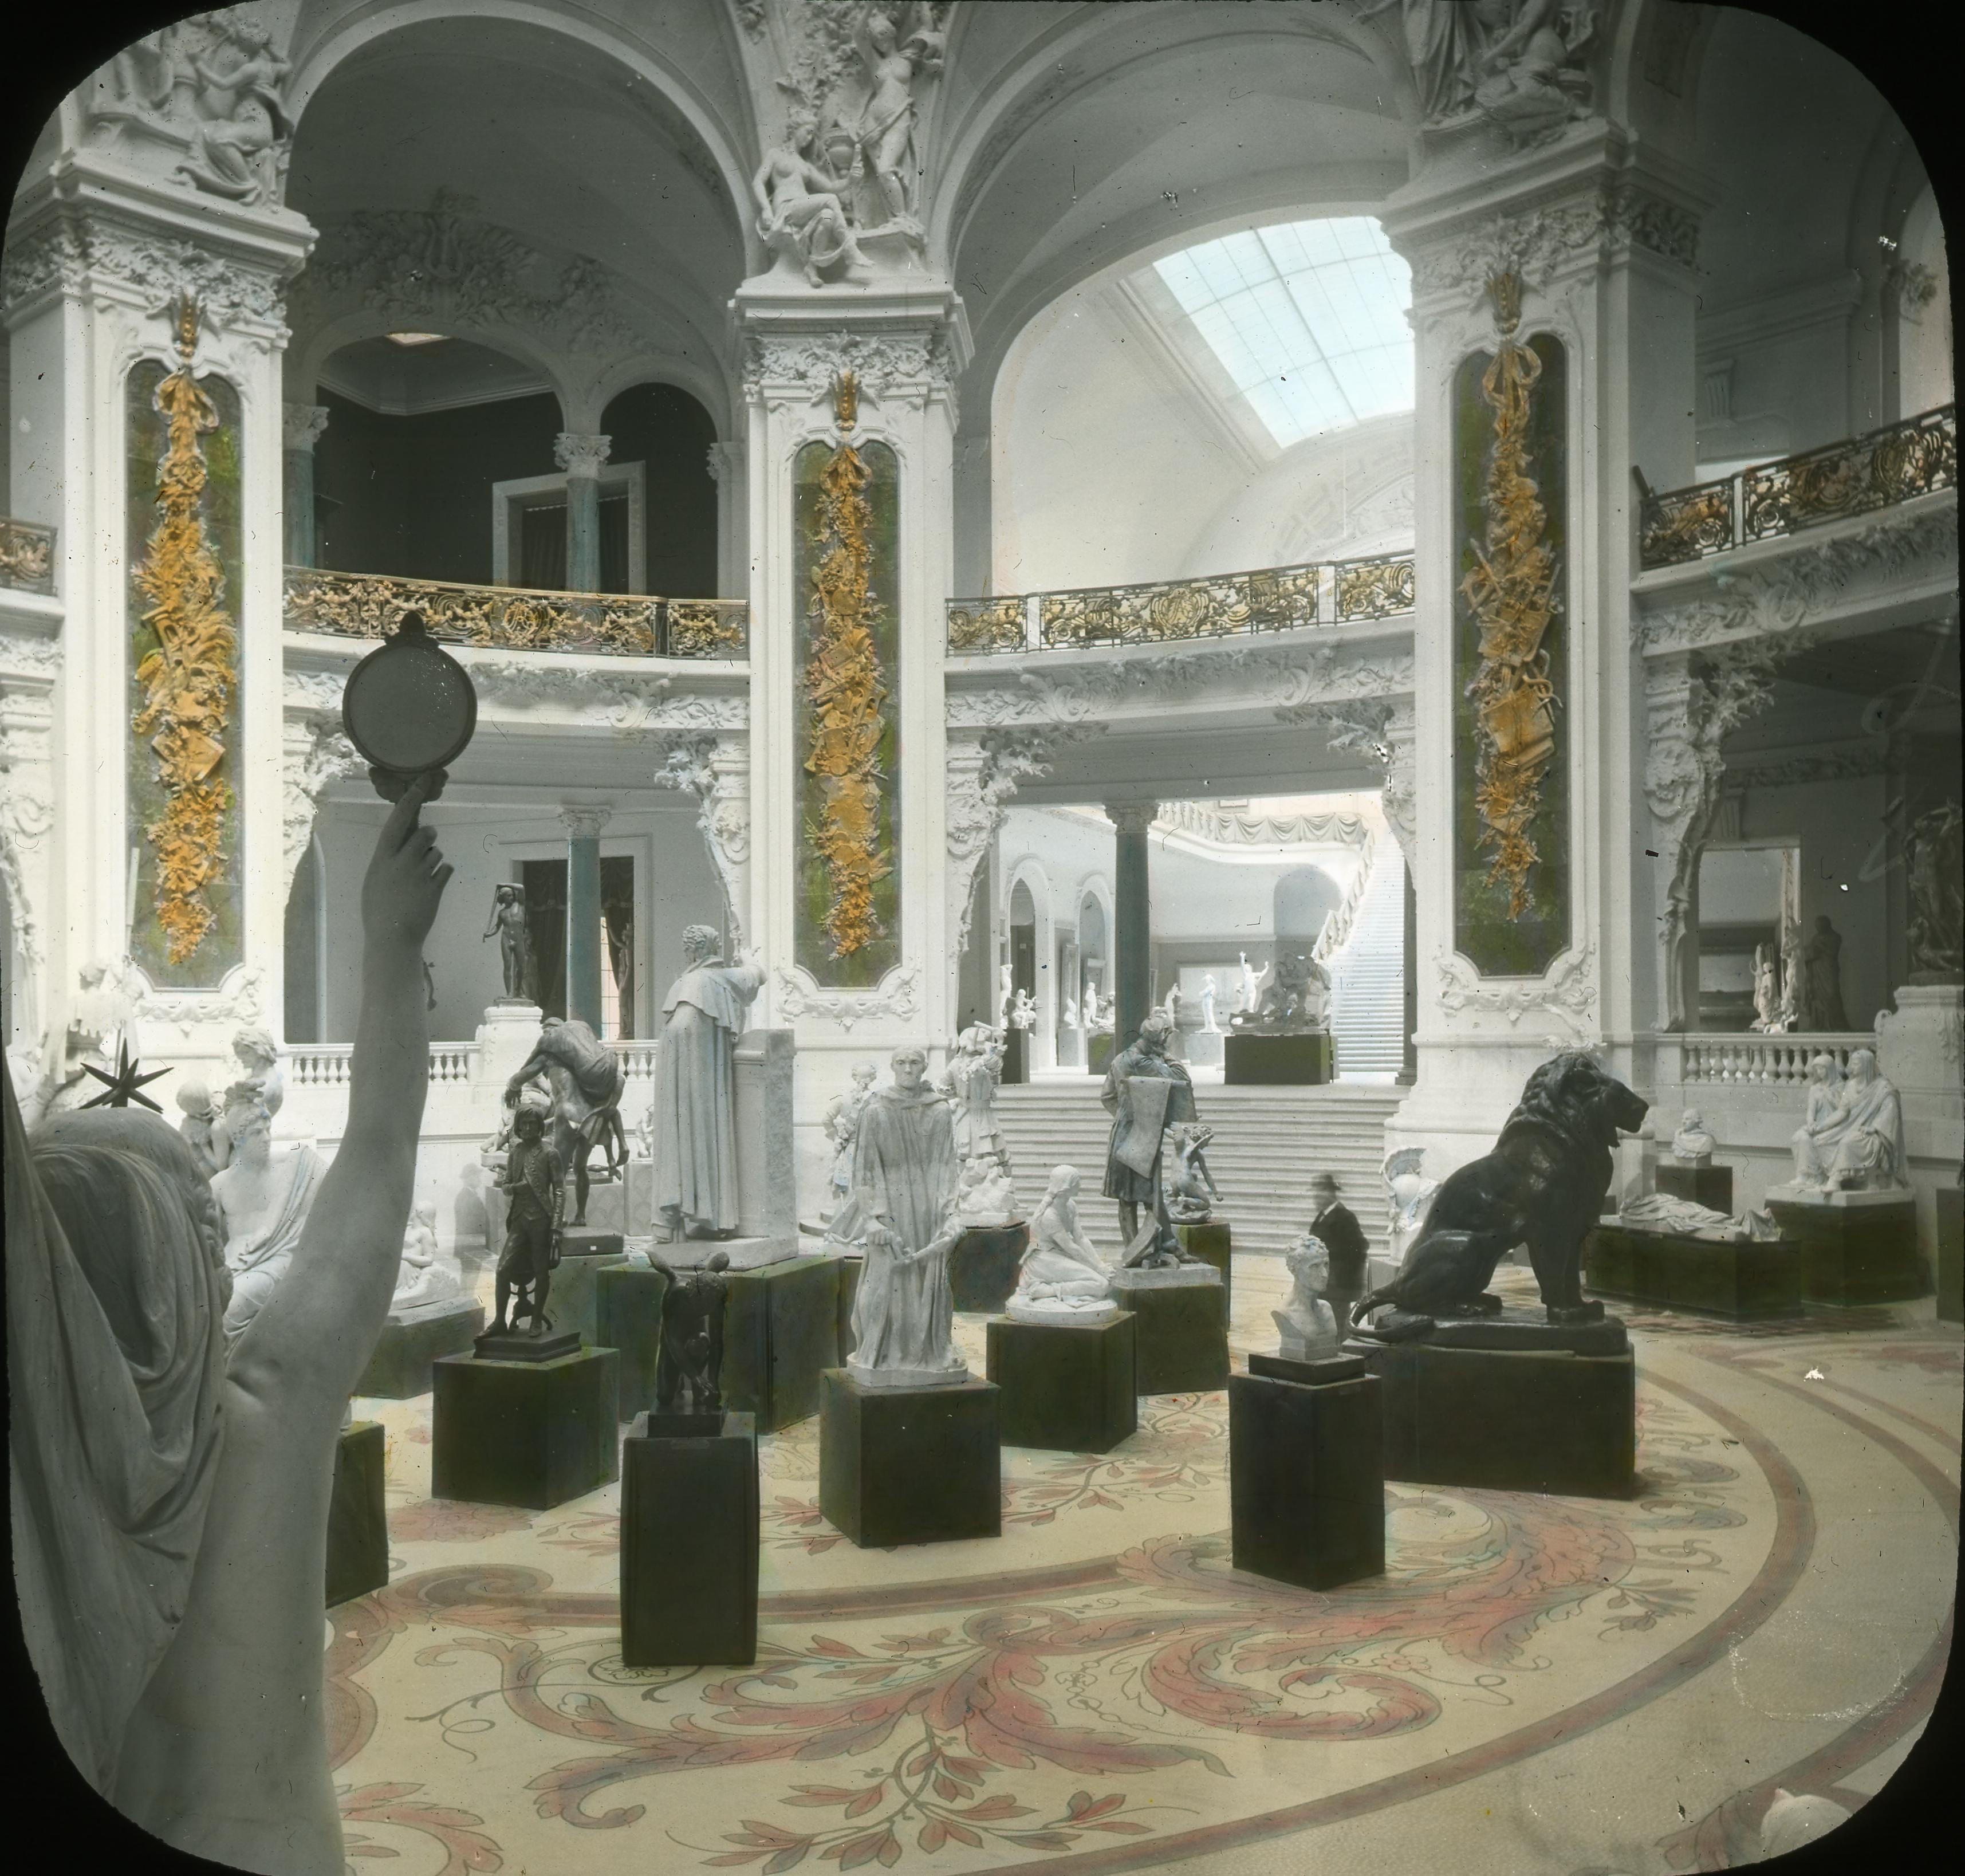 Дворец изобразительных искусств. Ротонда малой залы скульптур